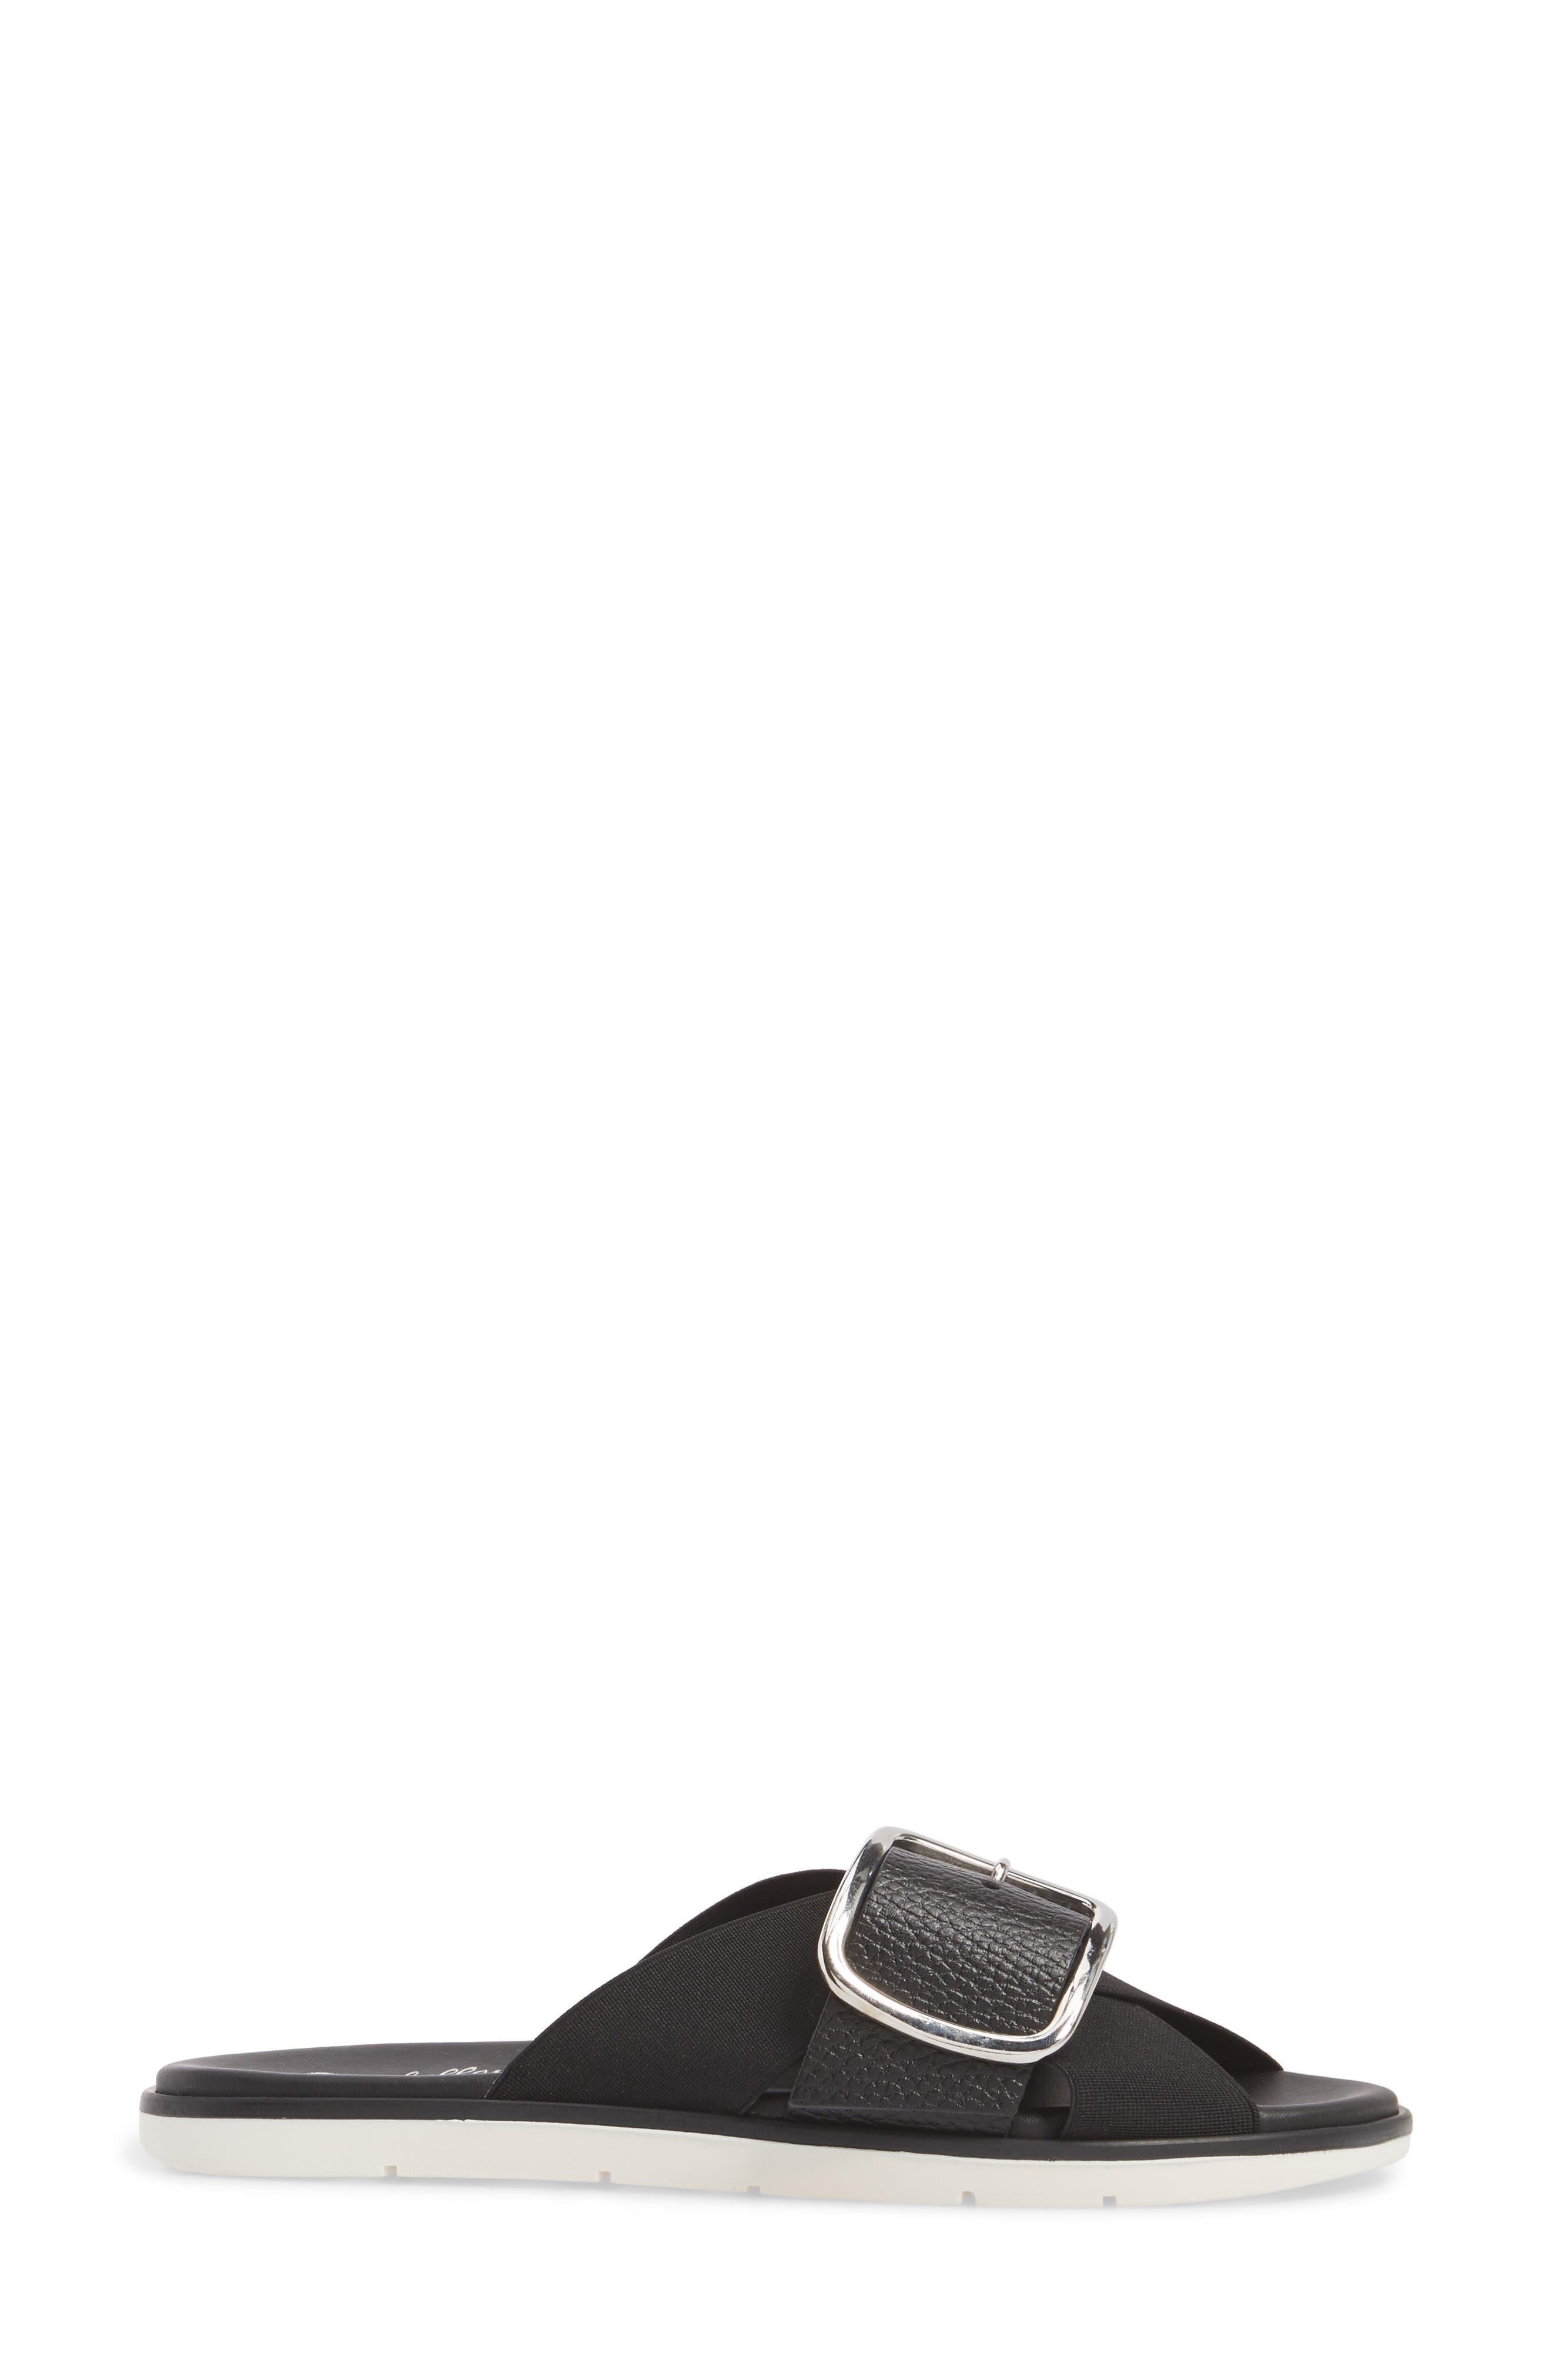 Reservation Slide Sandal,                             Alternate thumbnail 3, color,                             BLACK LEATHER